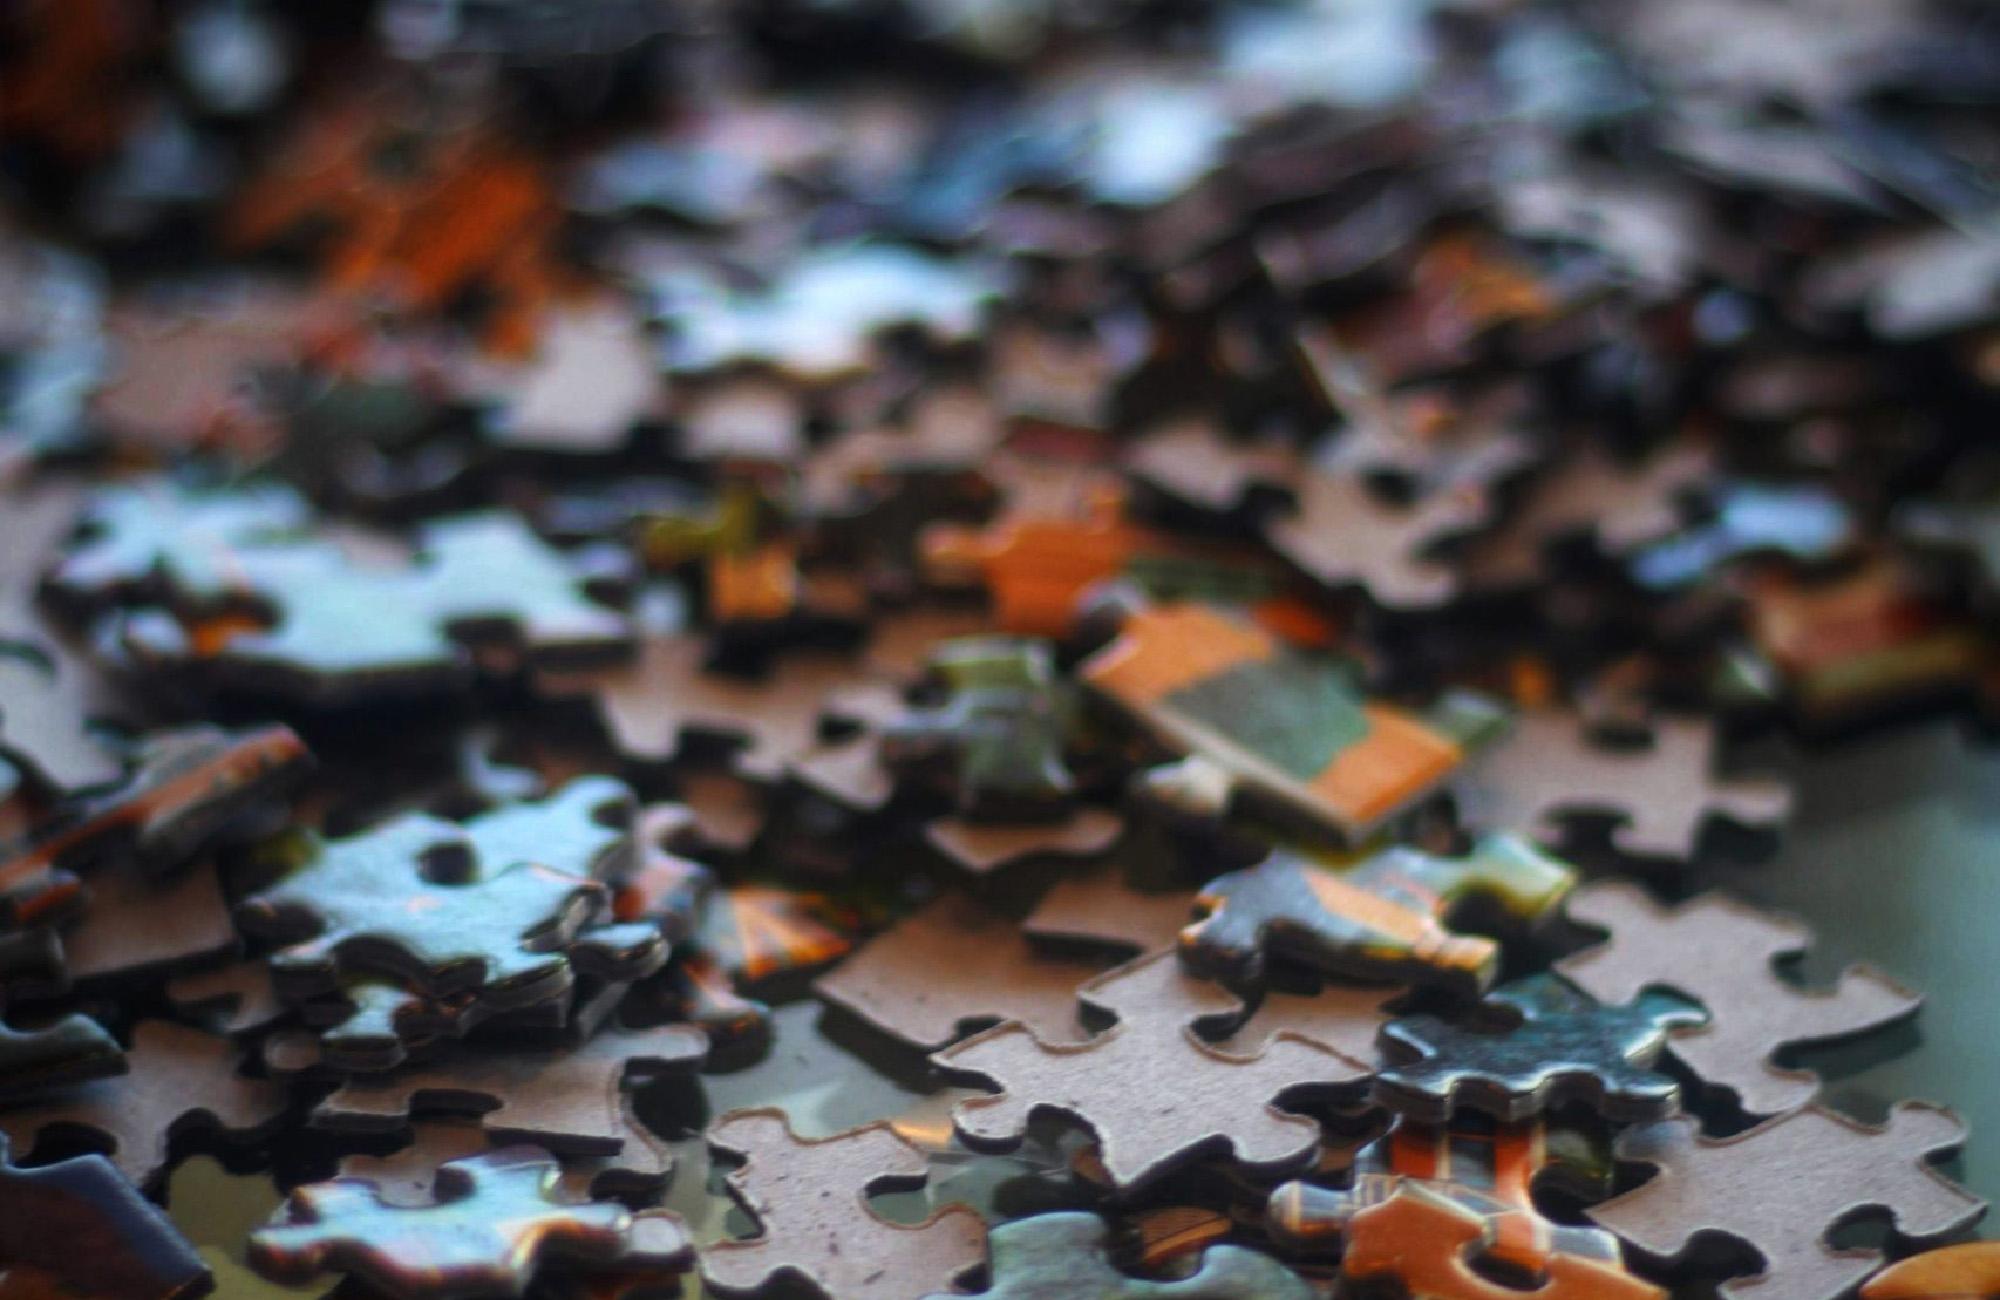 Autonomie, cohésion d'équipe, etc : les tendances managériales revues au prisme du Covid